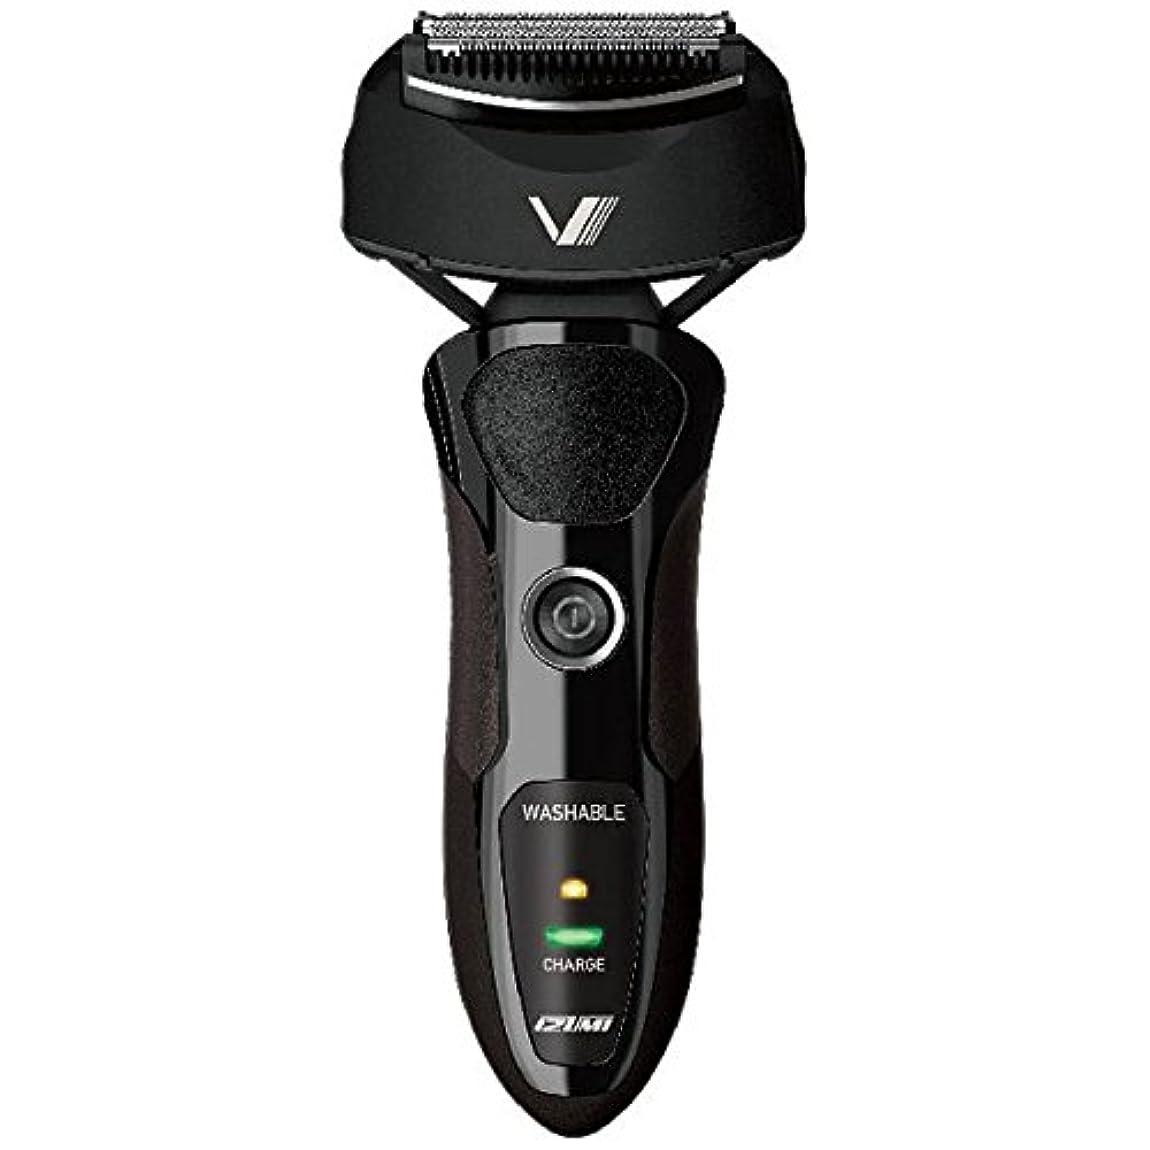 アシュリータファーマンはっきりと実現可能IZUMI VIDAN 往復式シェーバー 深剃りシリーズ 3枚刃 ブラック IZF-V36-K